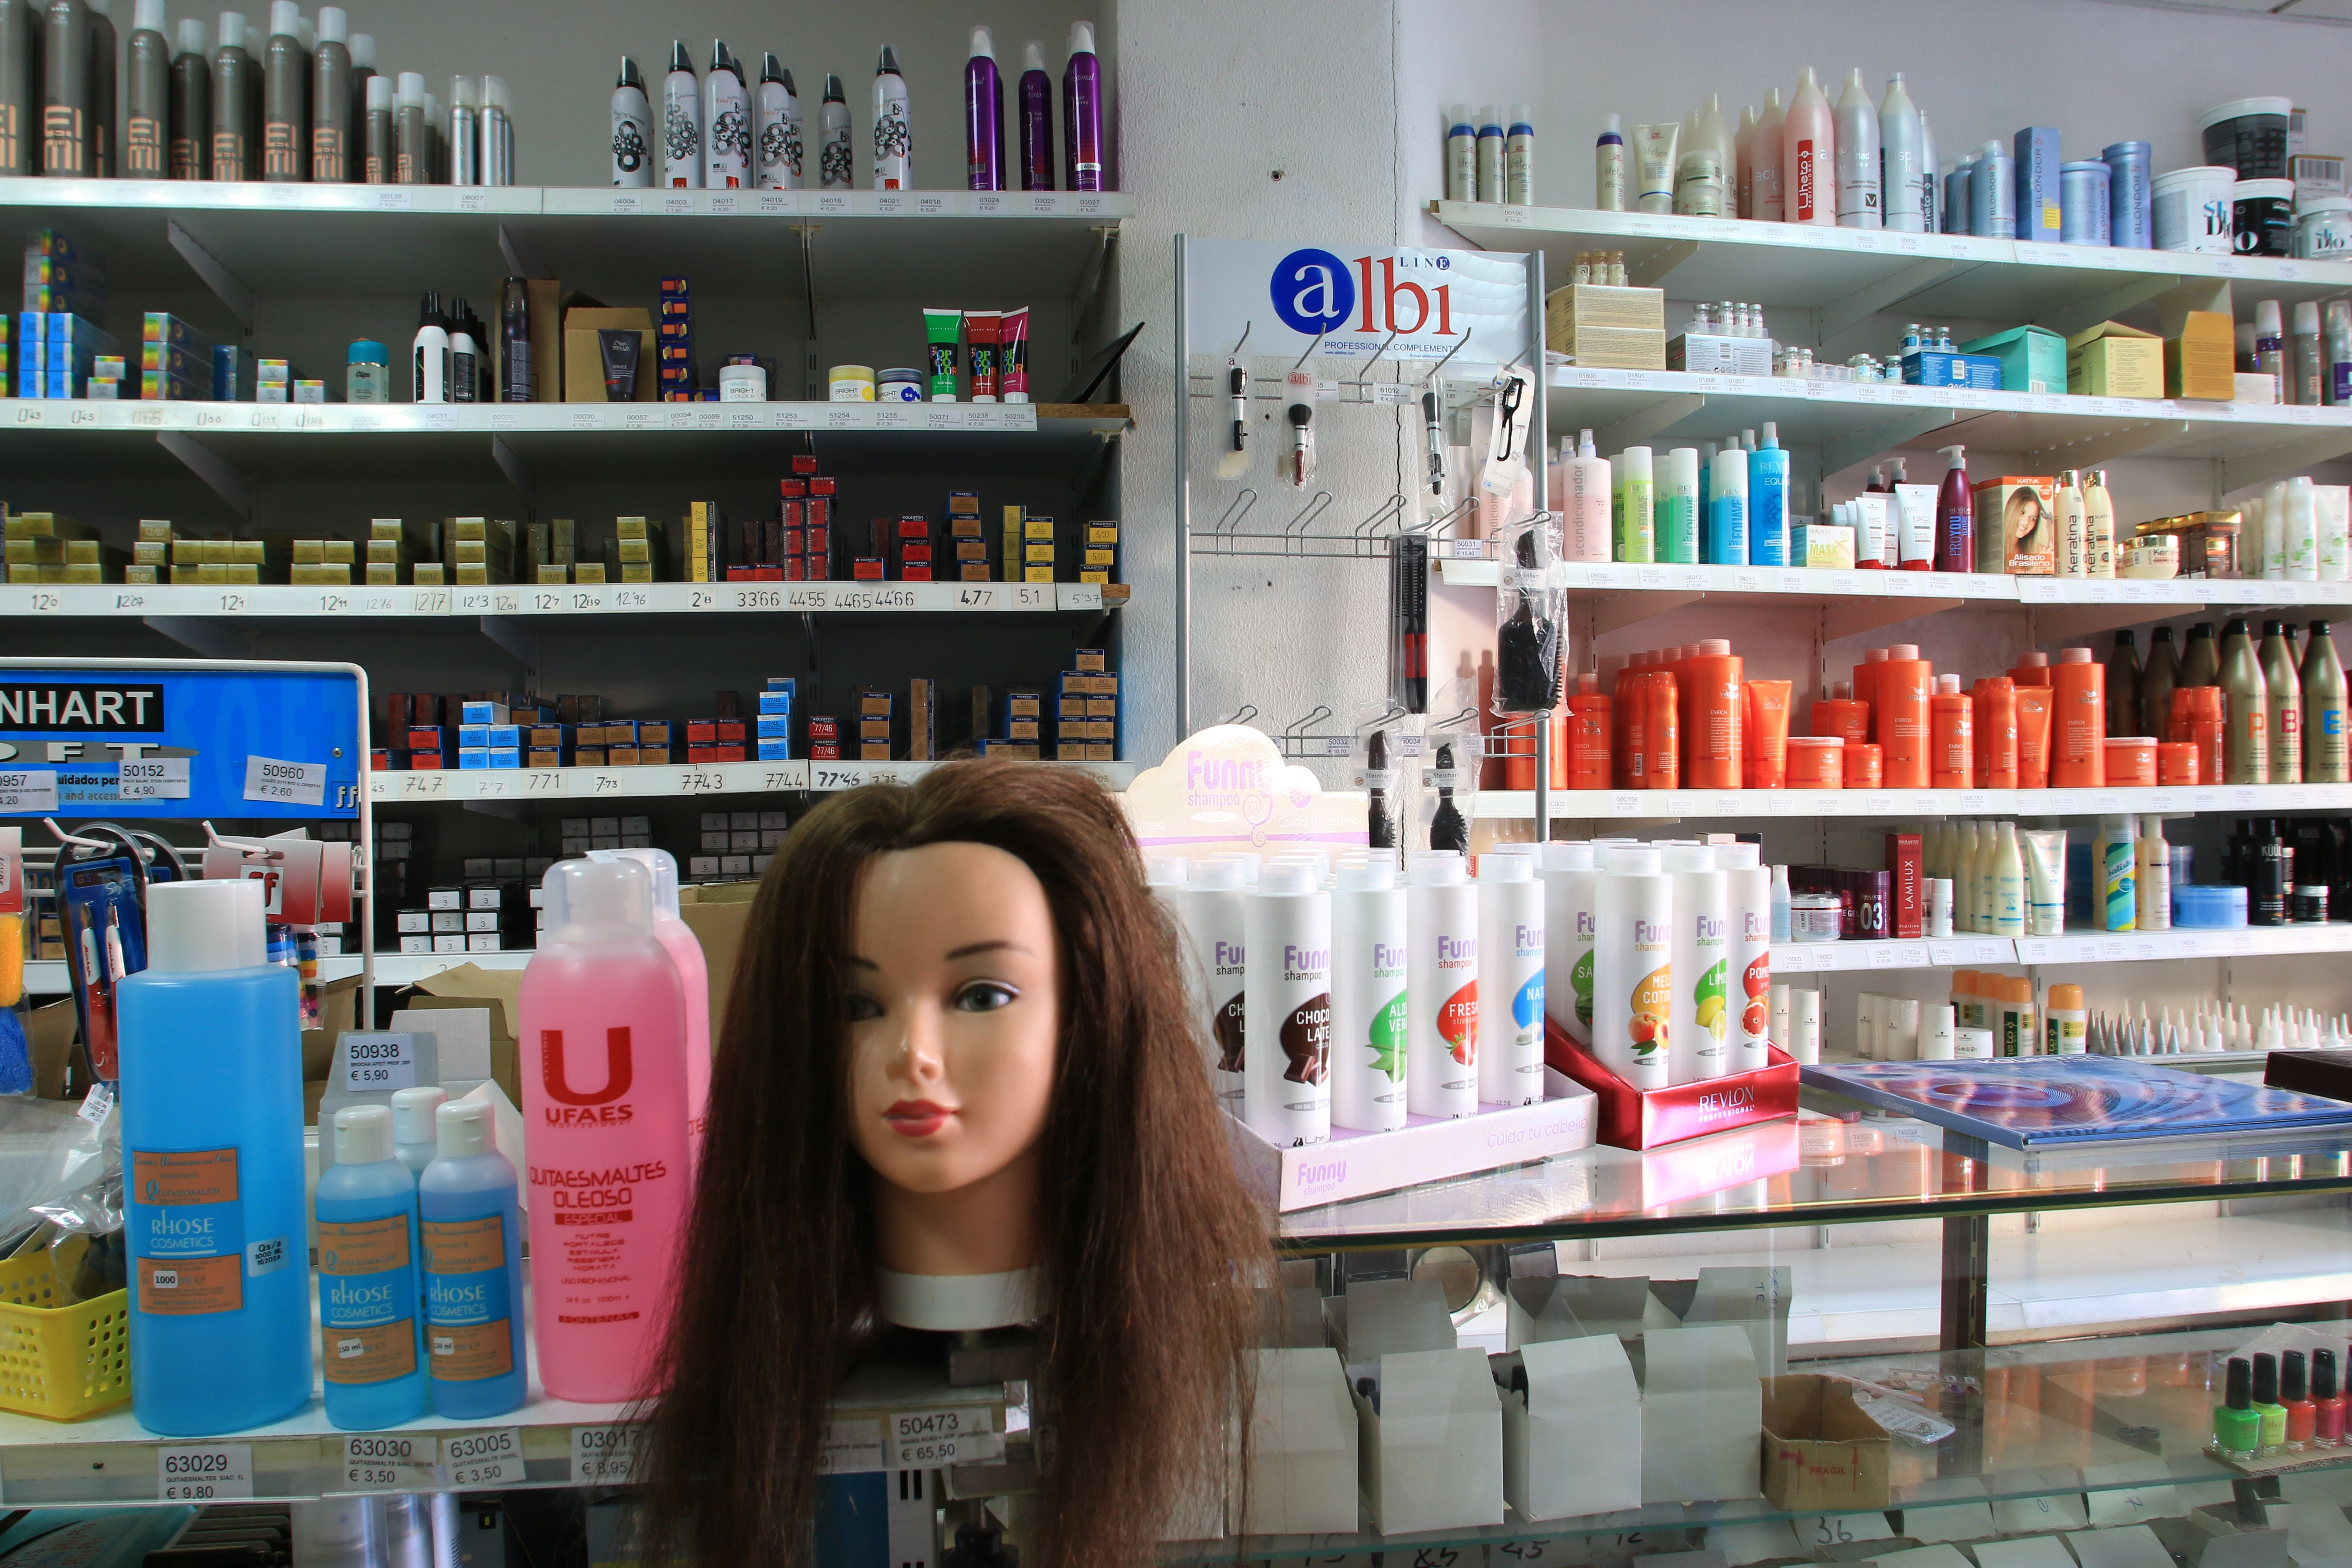 Foto 5 de Suministros para peluquerías en Palma de Mallorca | Distribuciones Porcel